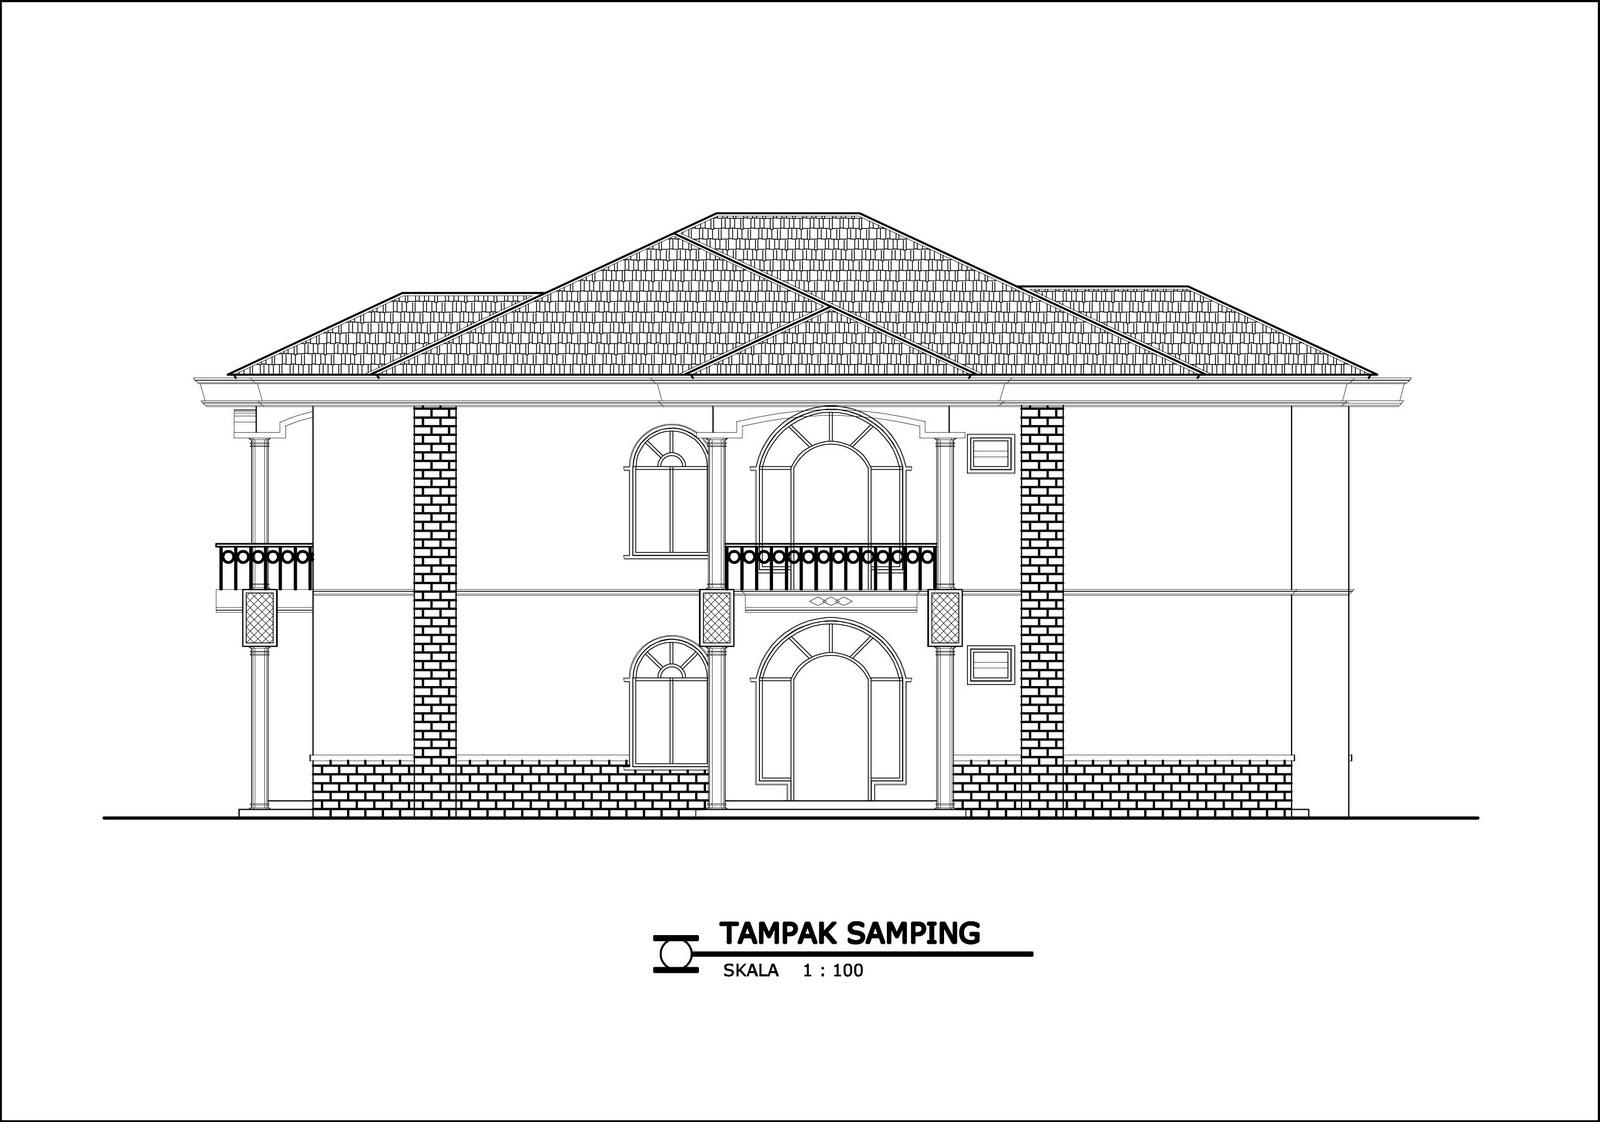 panduan bangunan rumah contoh gambar rumah 1 desain